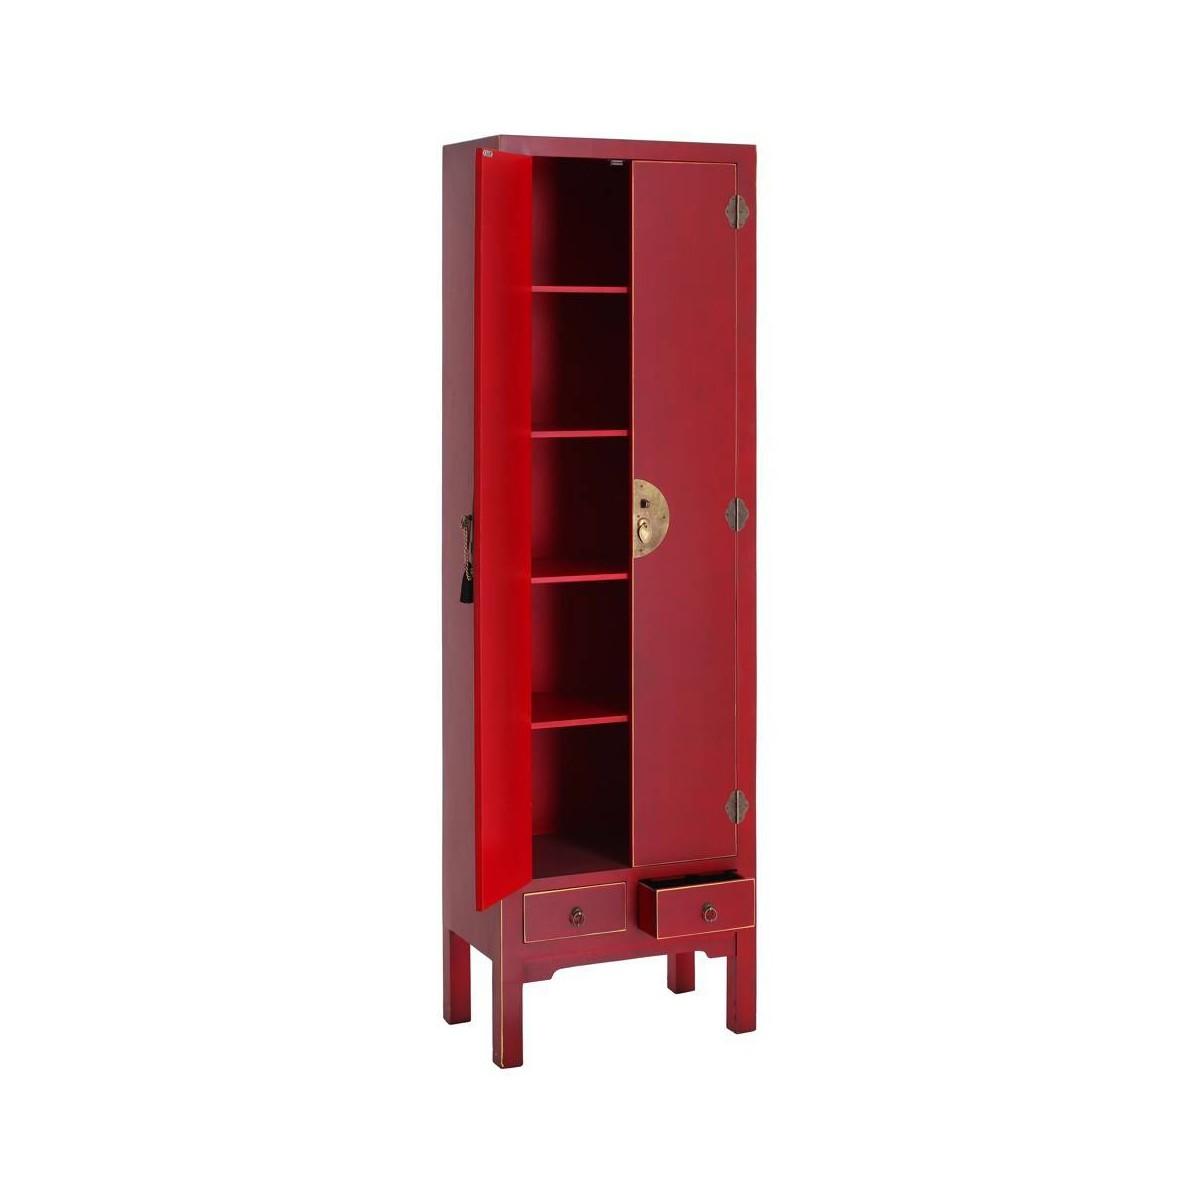 Armario japo rojo 2 puertas 2 cajones madera colores del mundo - Mundo armario ...